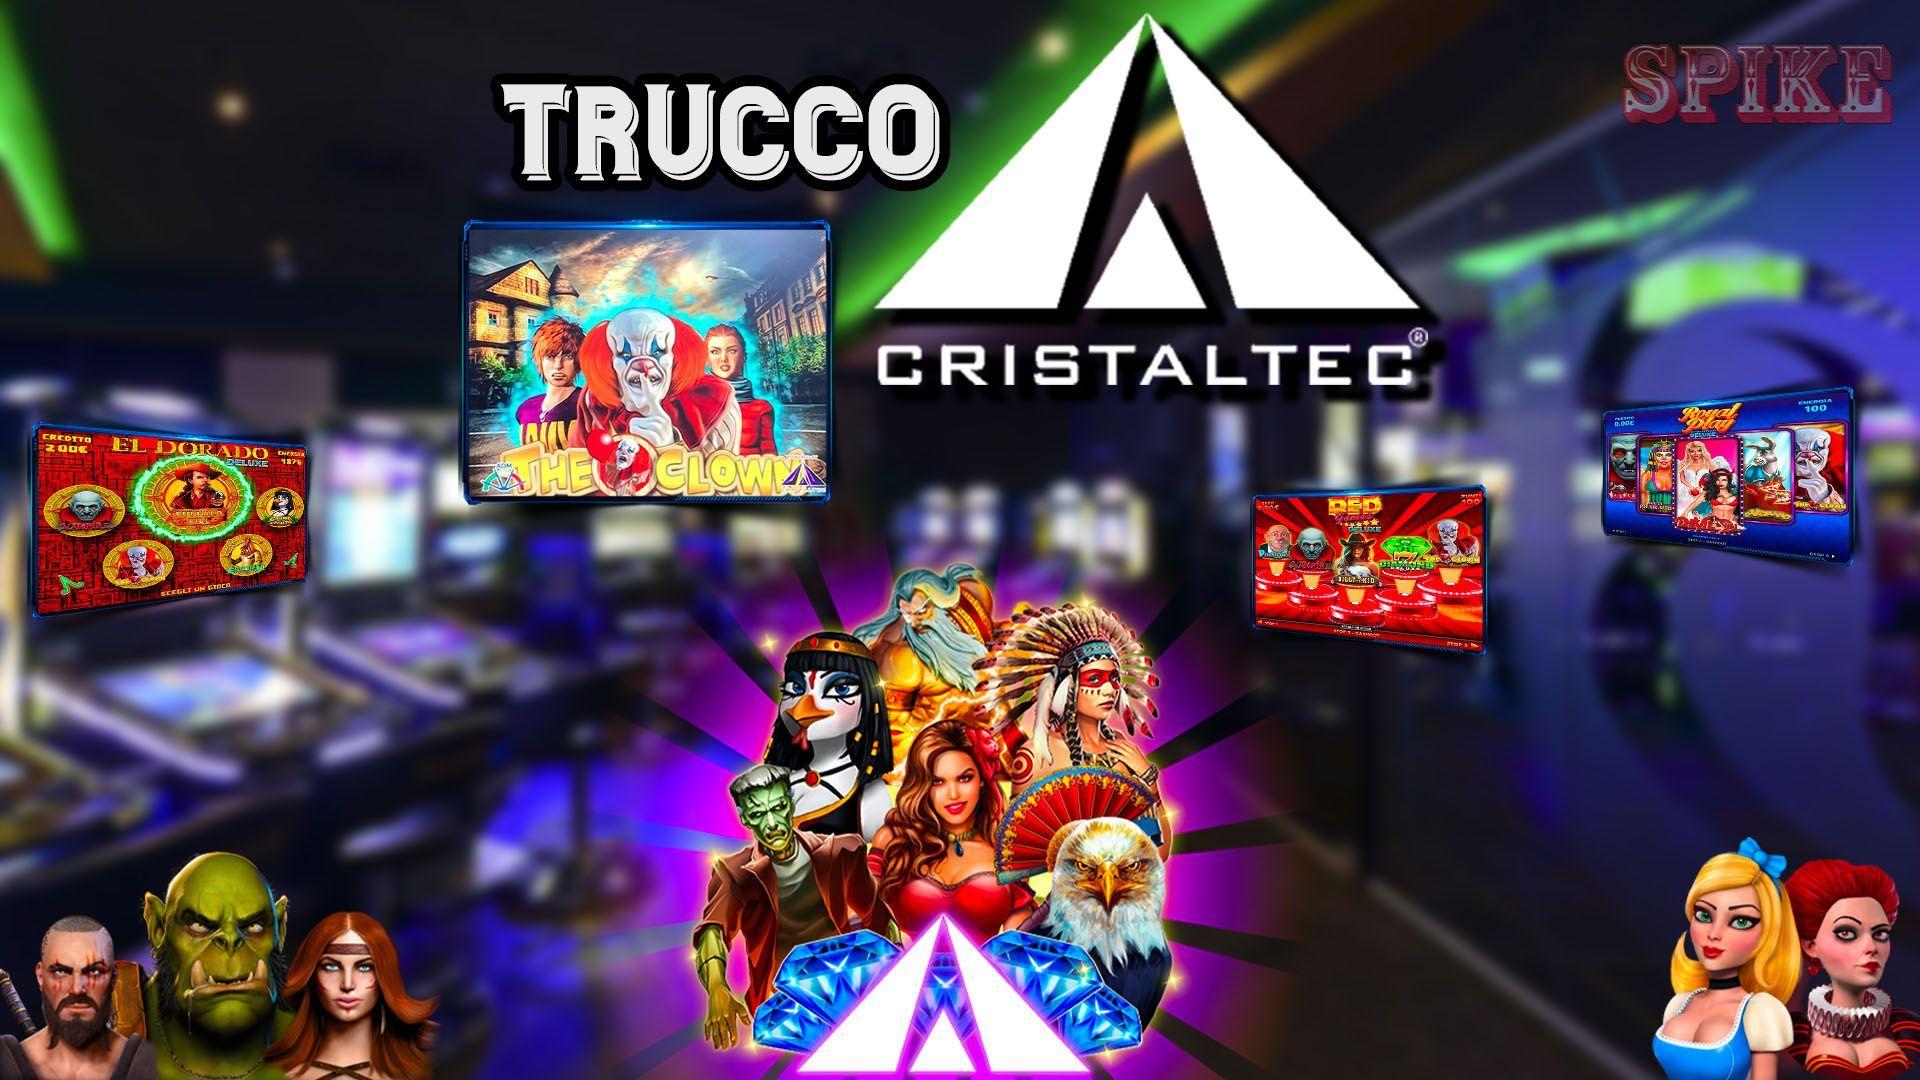 Trucco Slot Clown Cristaltec Logo Articolo